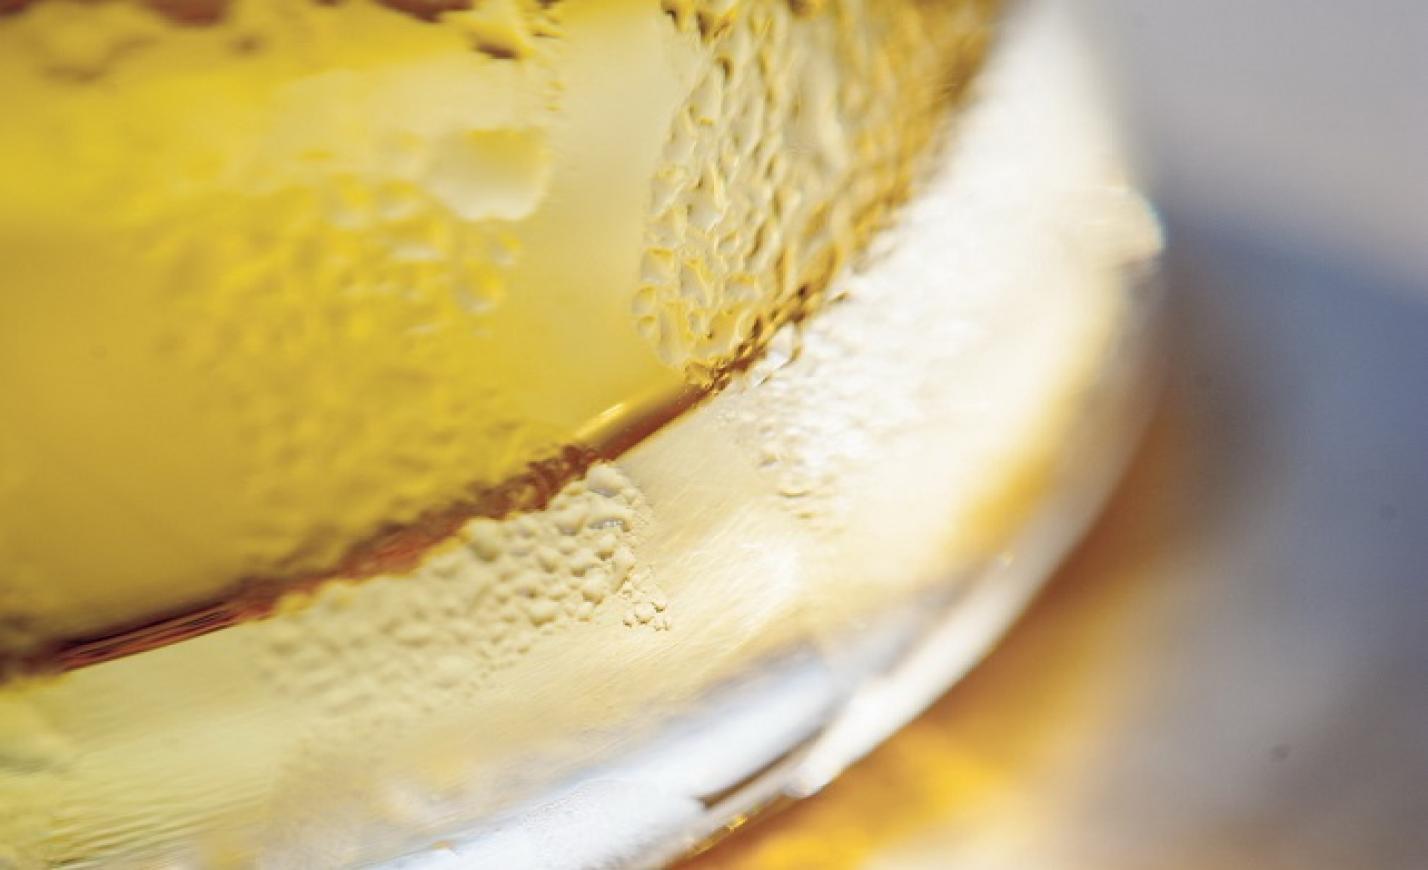 Csaknem százfajta csapolt sört lehet kóstolni a Csabai Sörfesztivál és Csülökparádén